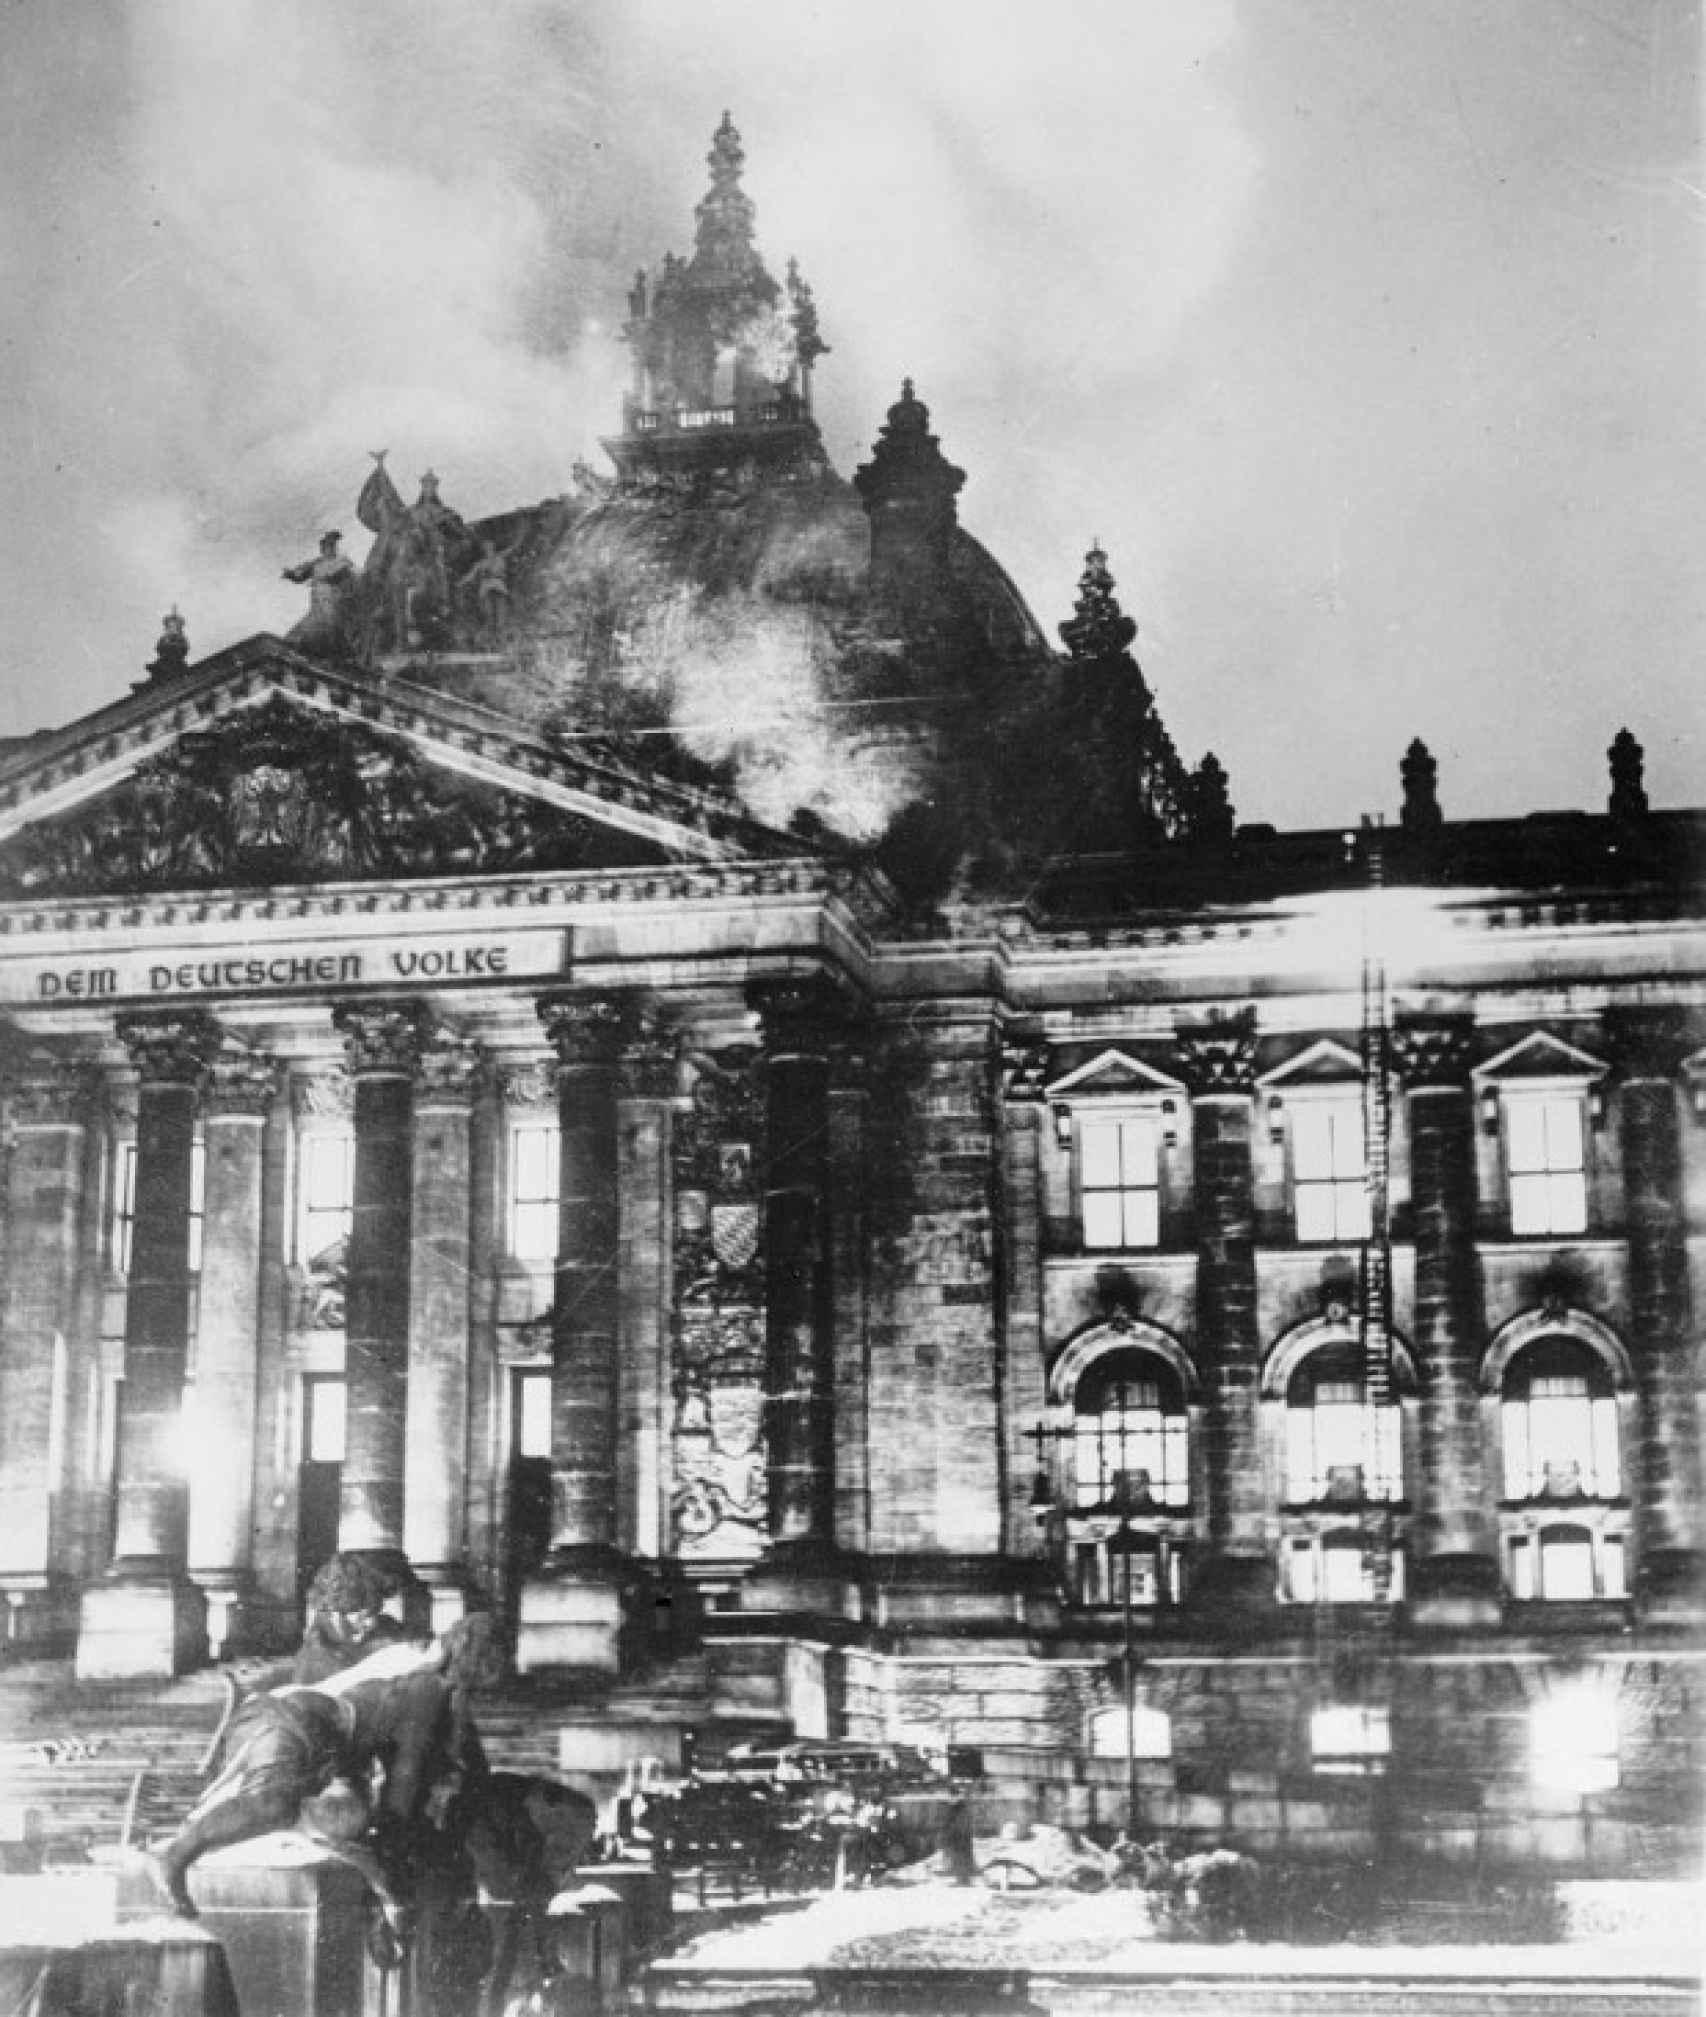 El Reichstag, en Berlín, durante el incendio que asoló el edificio.